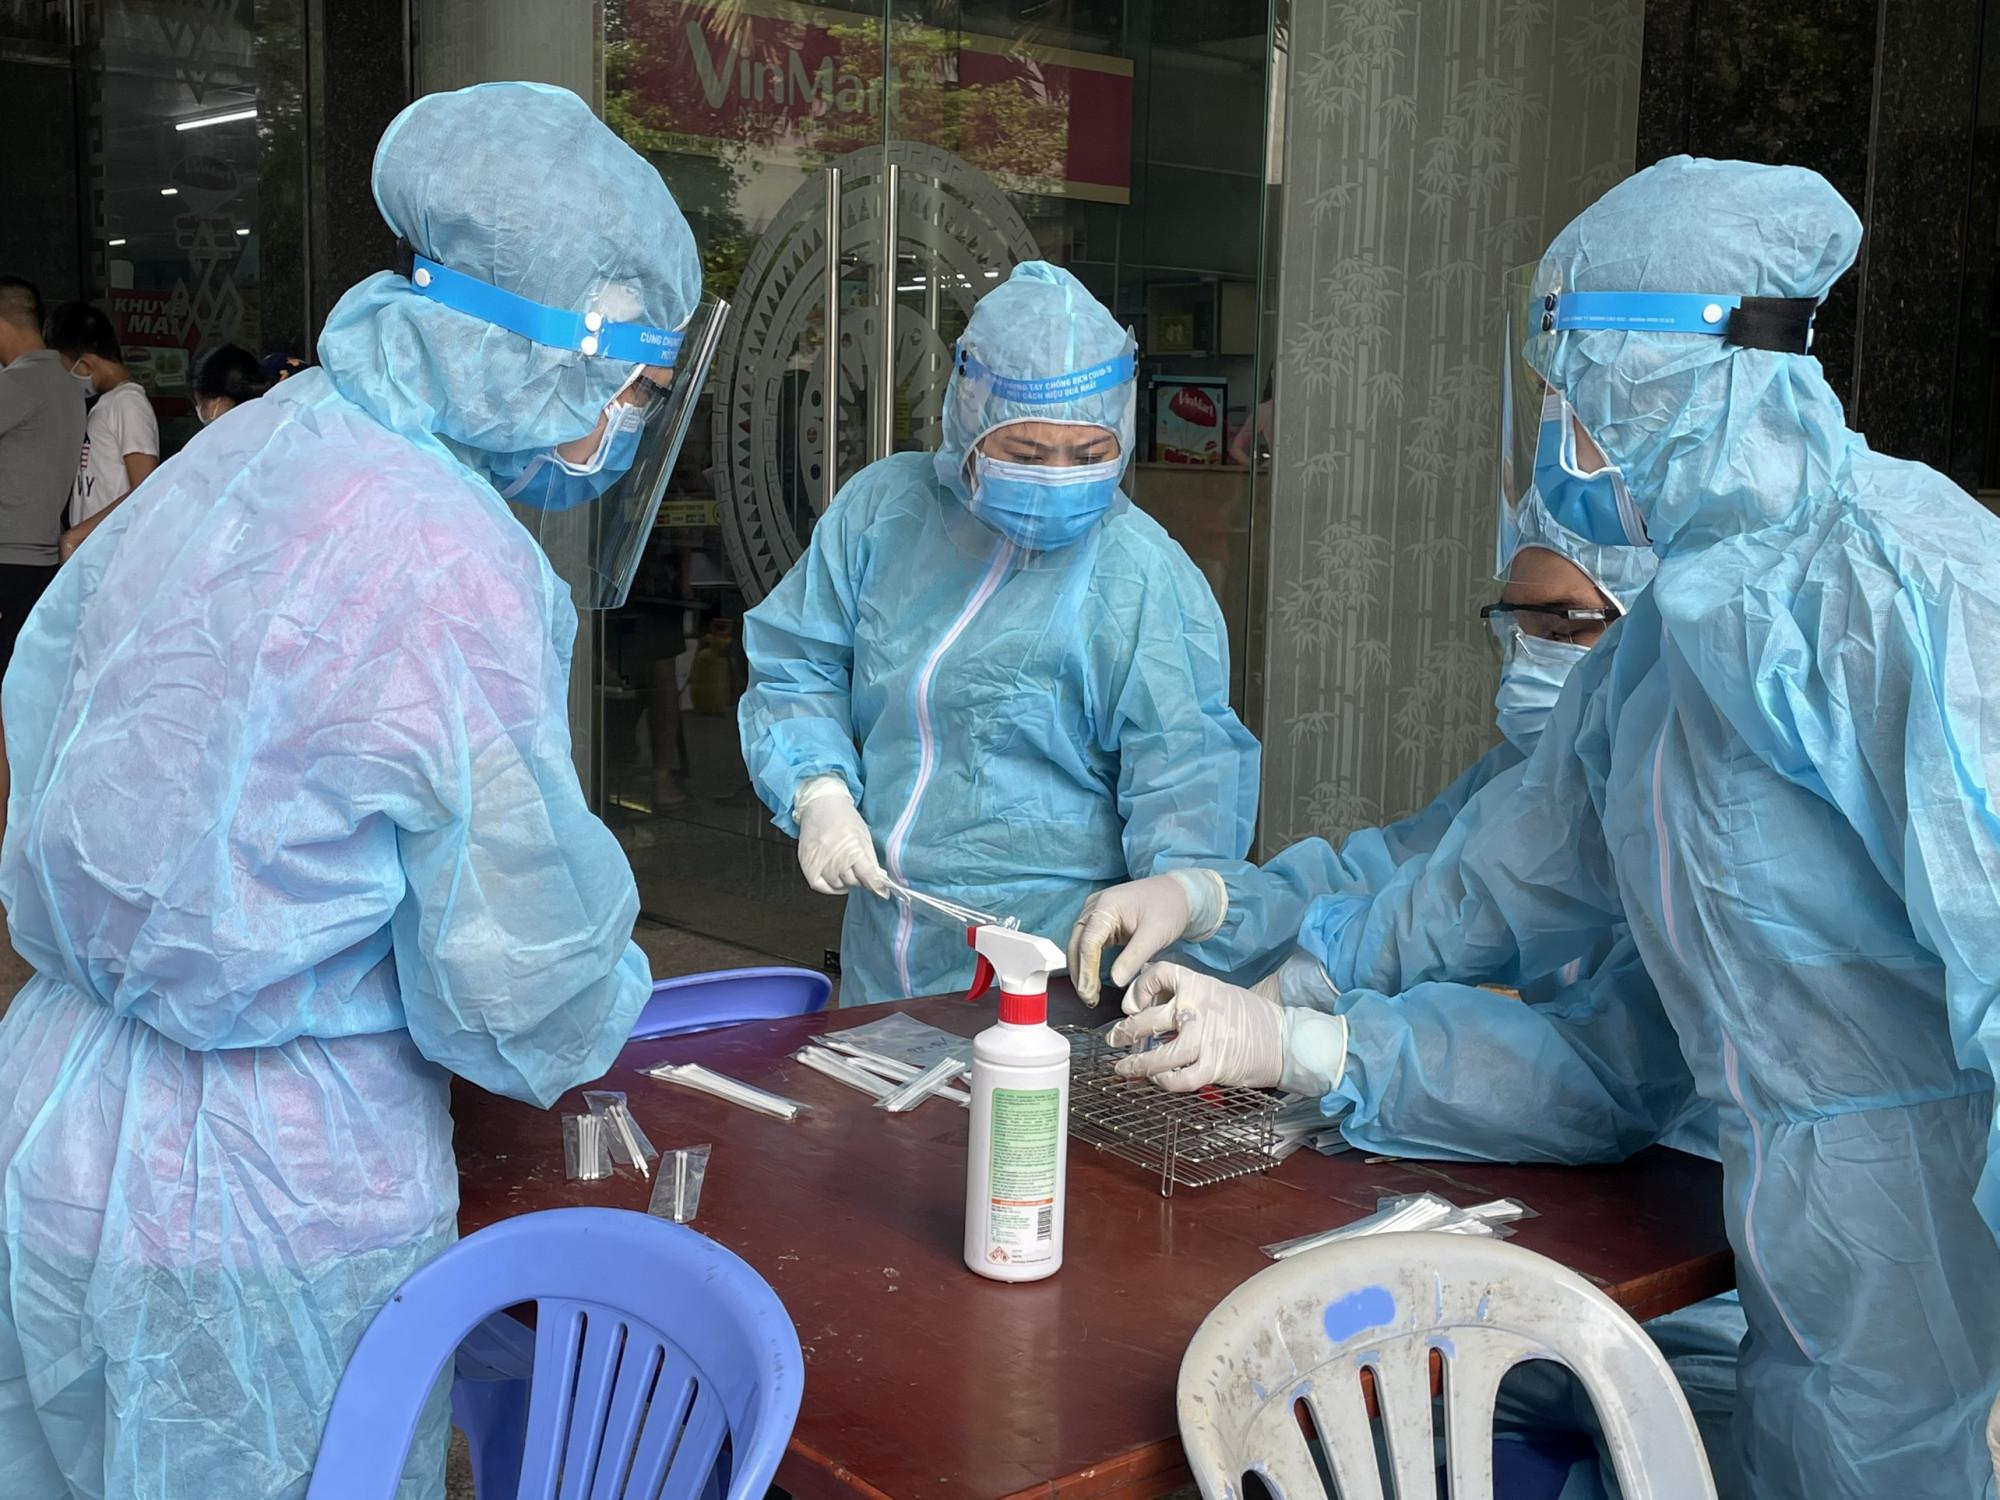 Tình hình COVID-19 tại TPHCM đang diễn biến phức tạp. Sở Y tế TPHCM đang chuẩn bị 2.000 giường bệnh để điều trị các ca nhiễm COVID-19.